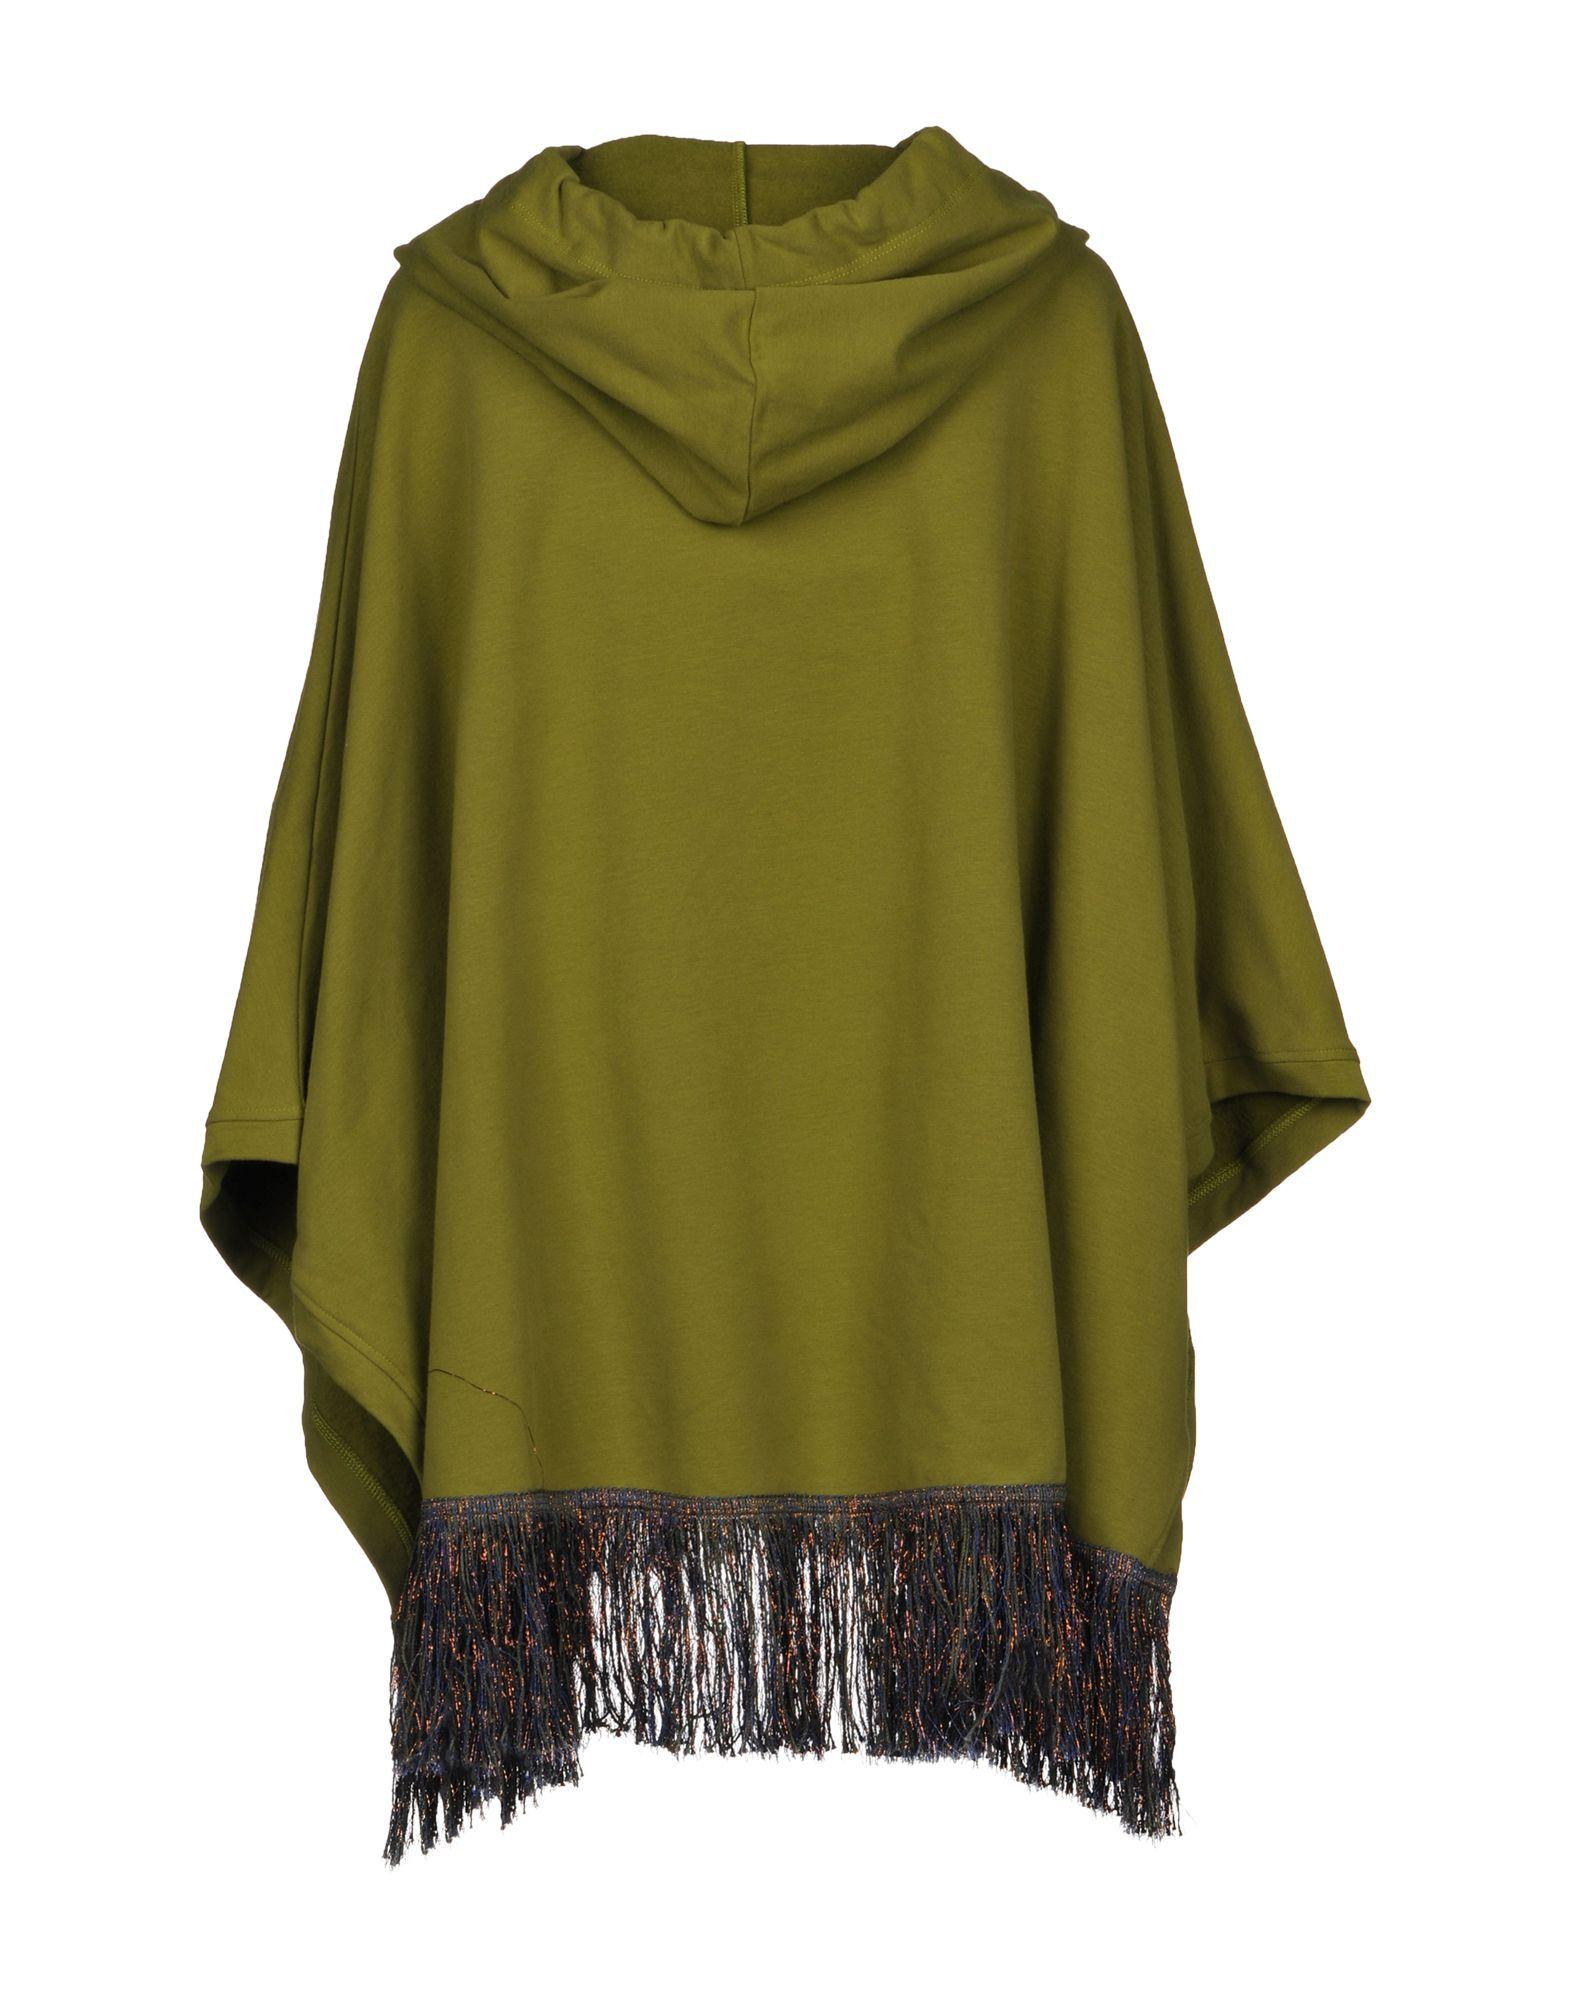 COATS & JACKETS Jijil Green Woman Cotton